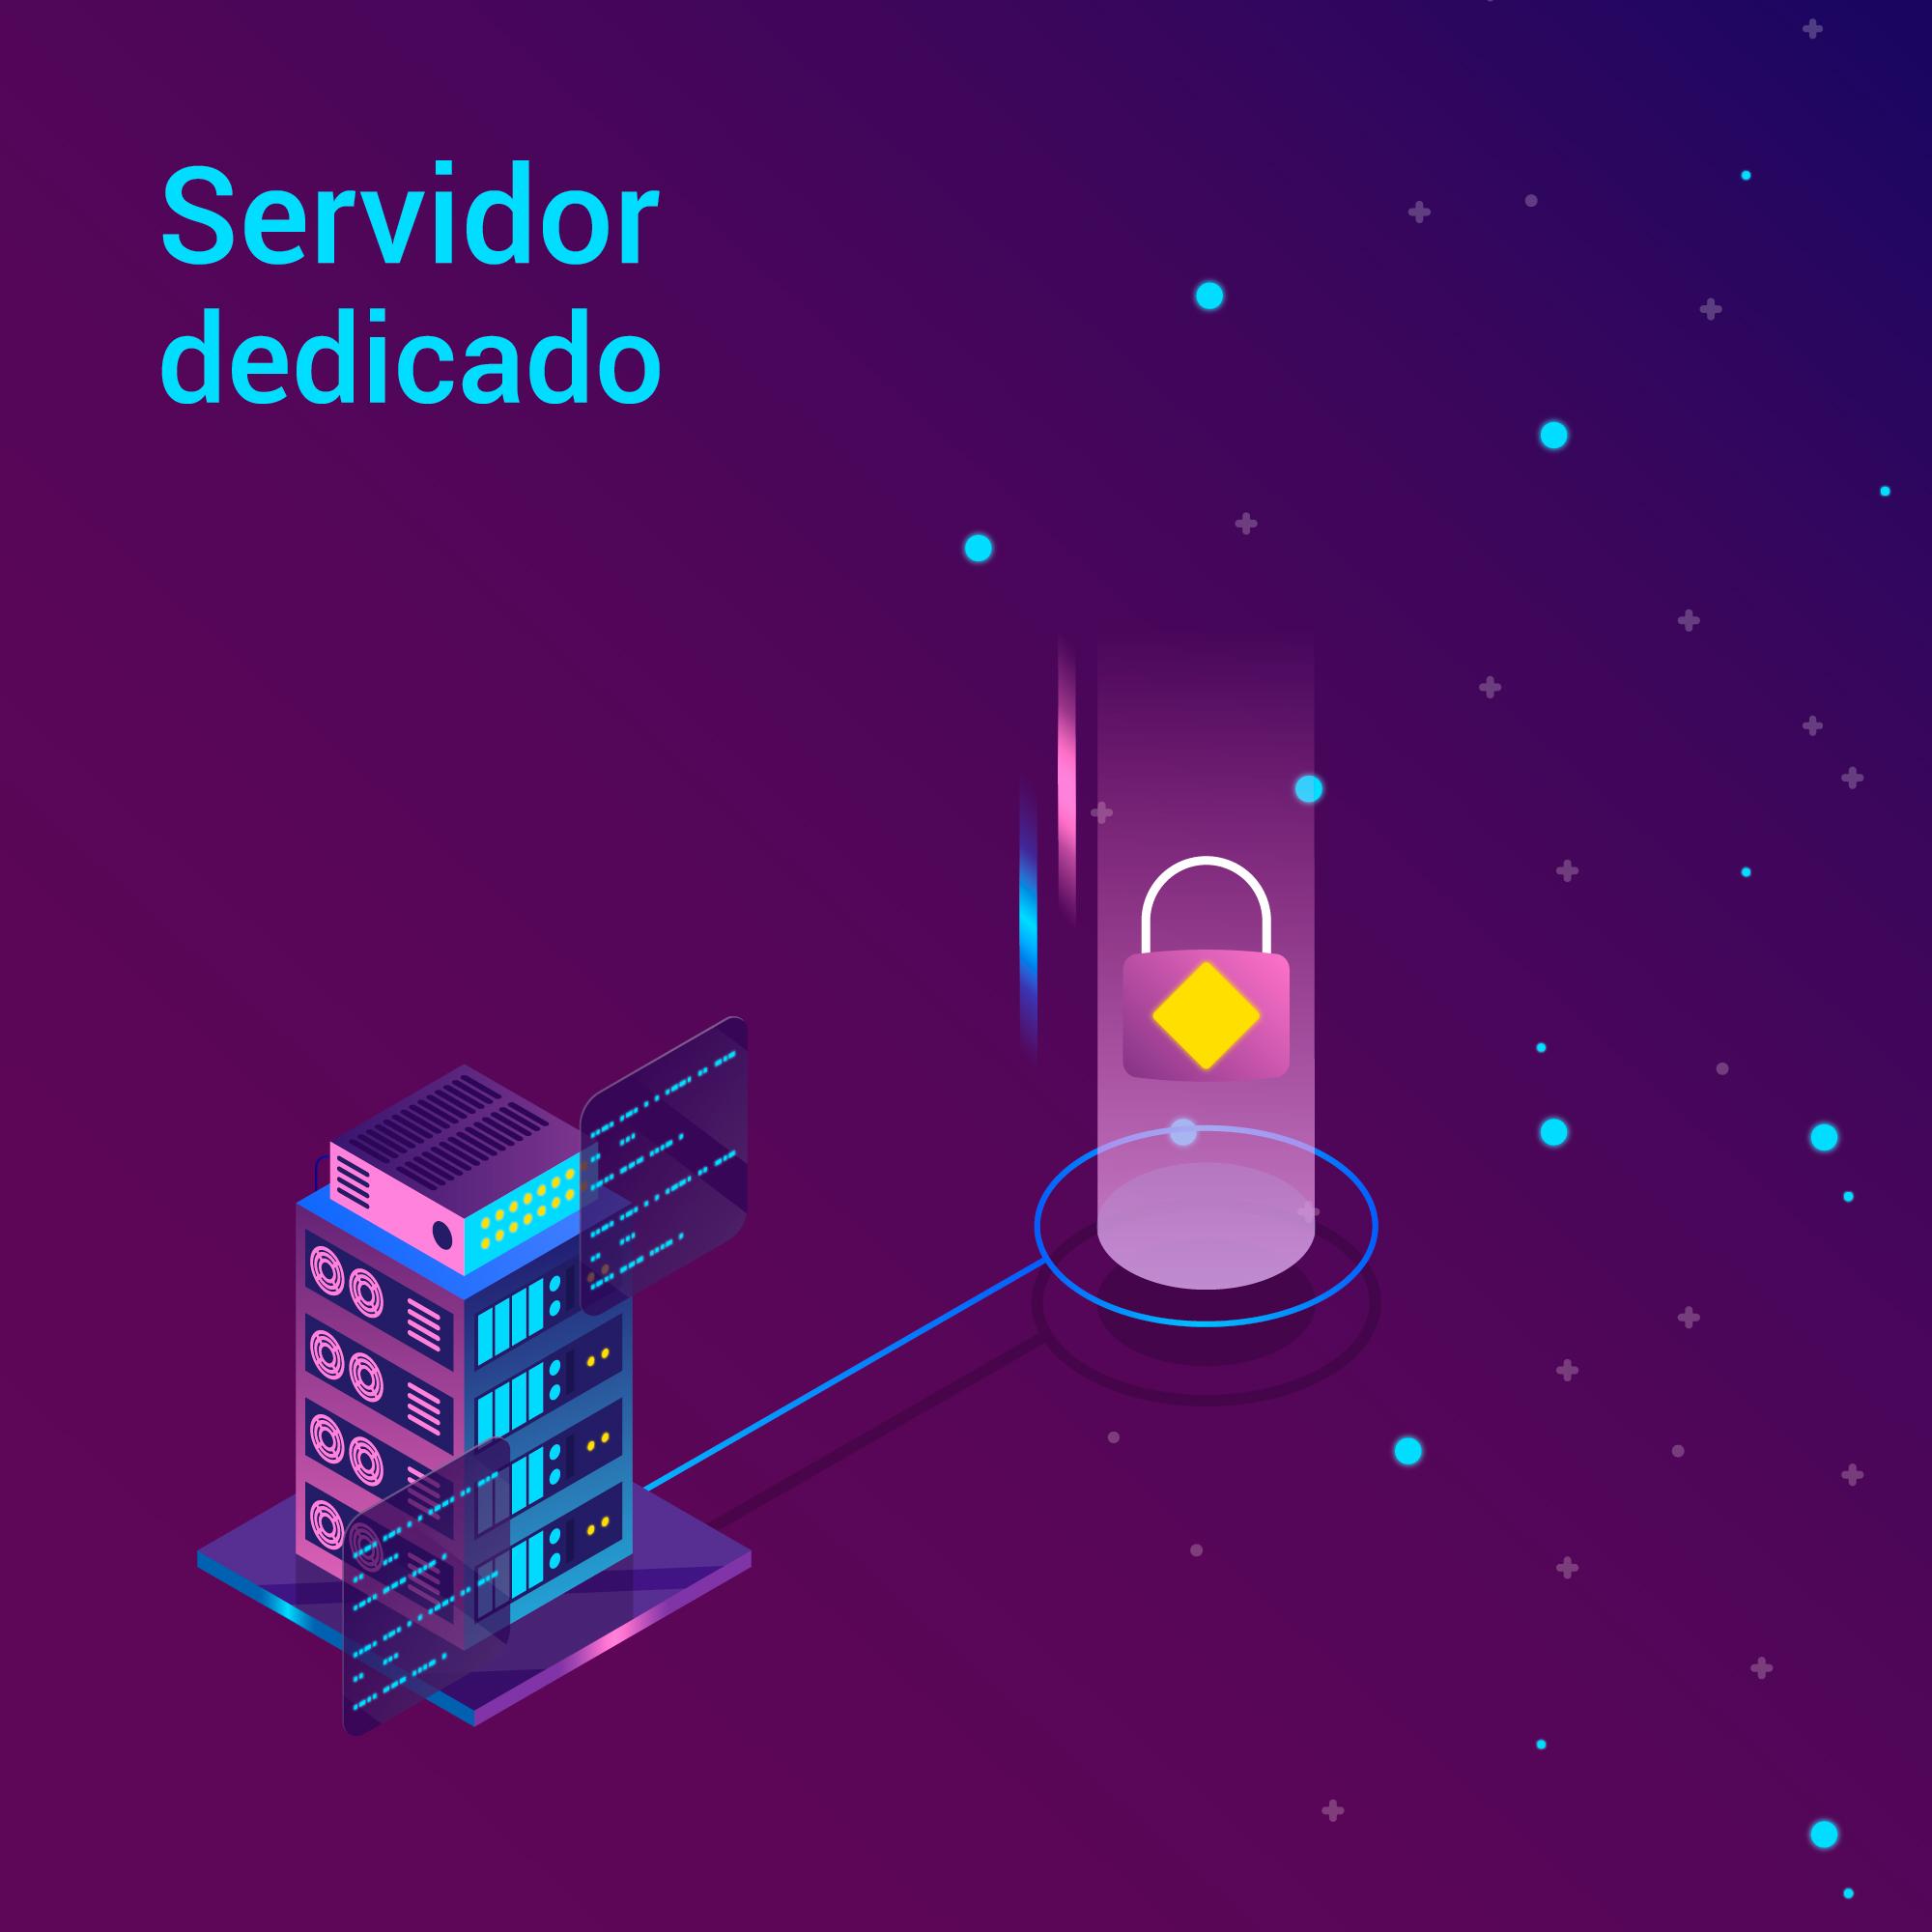 Imagem servidor dedicado